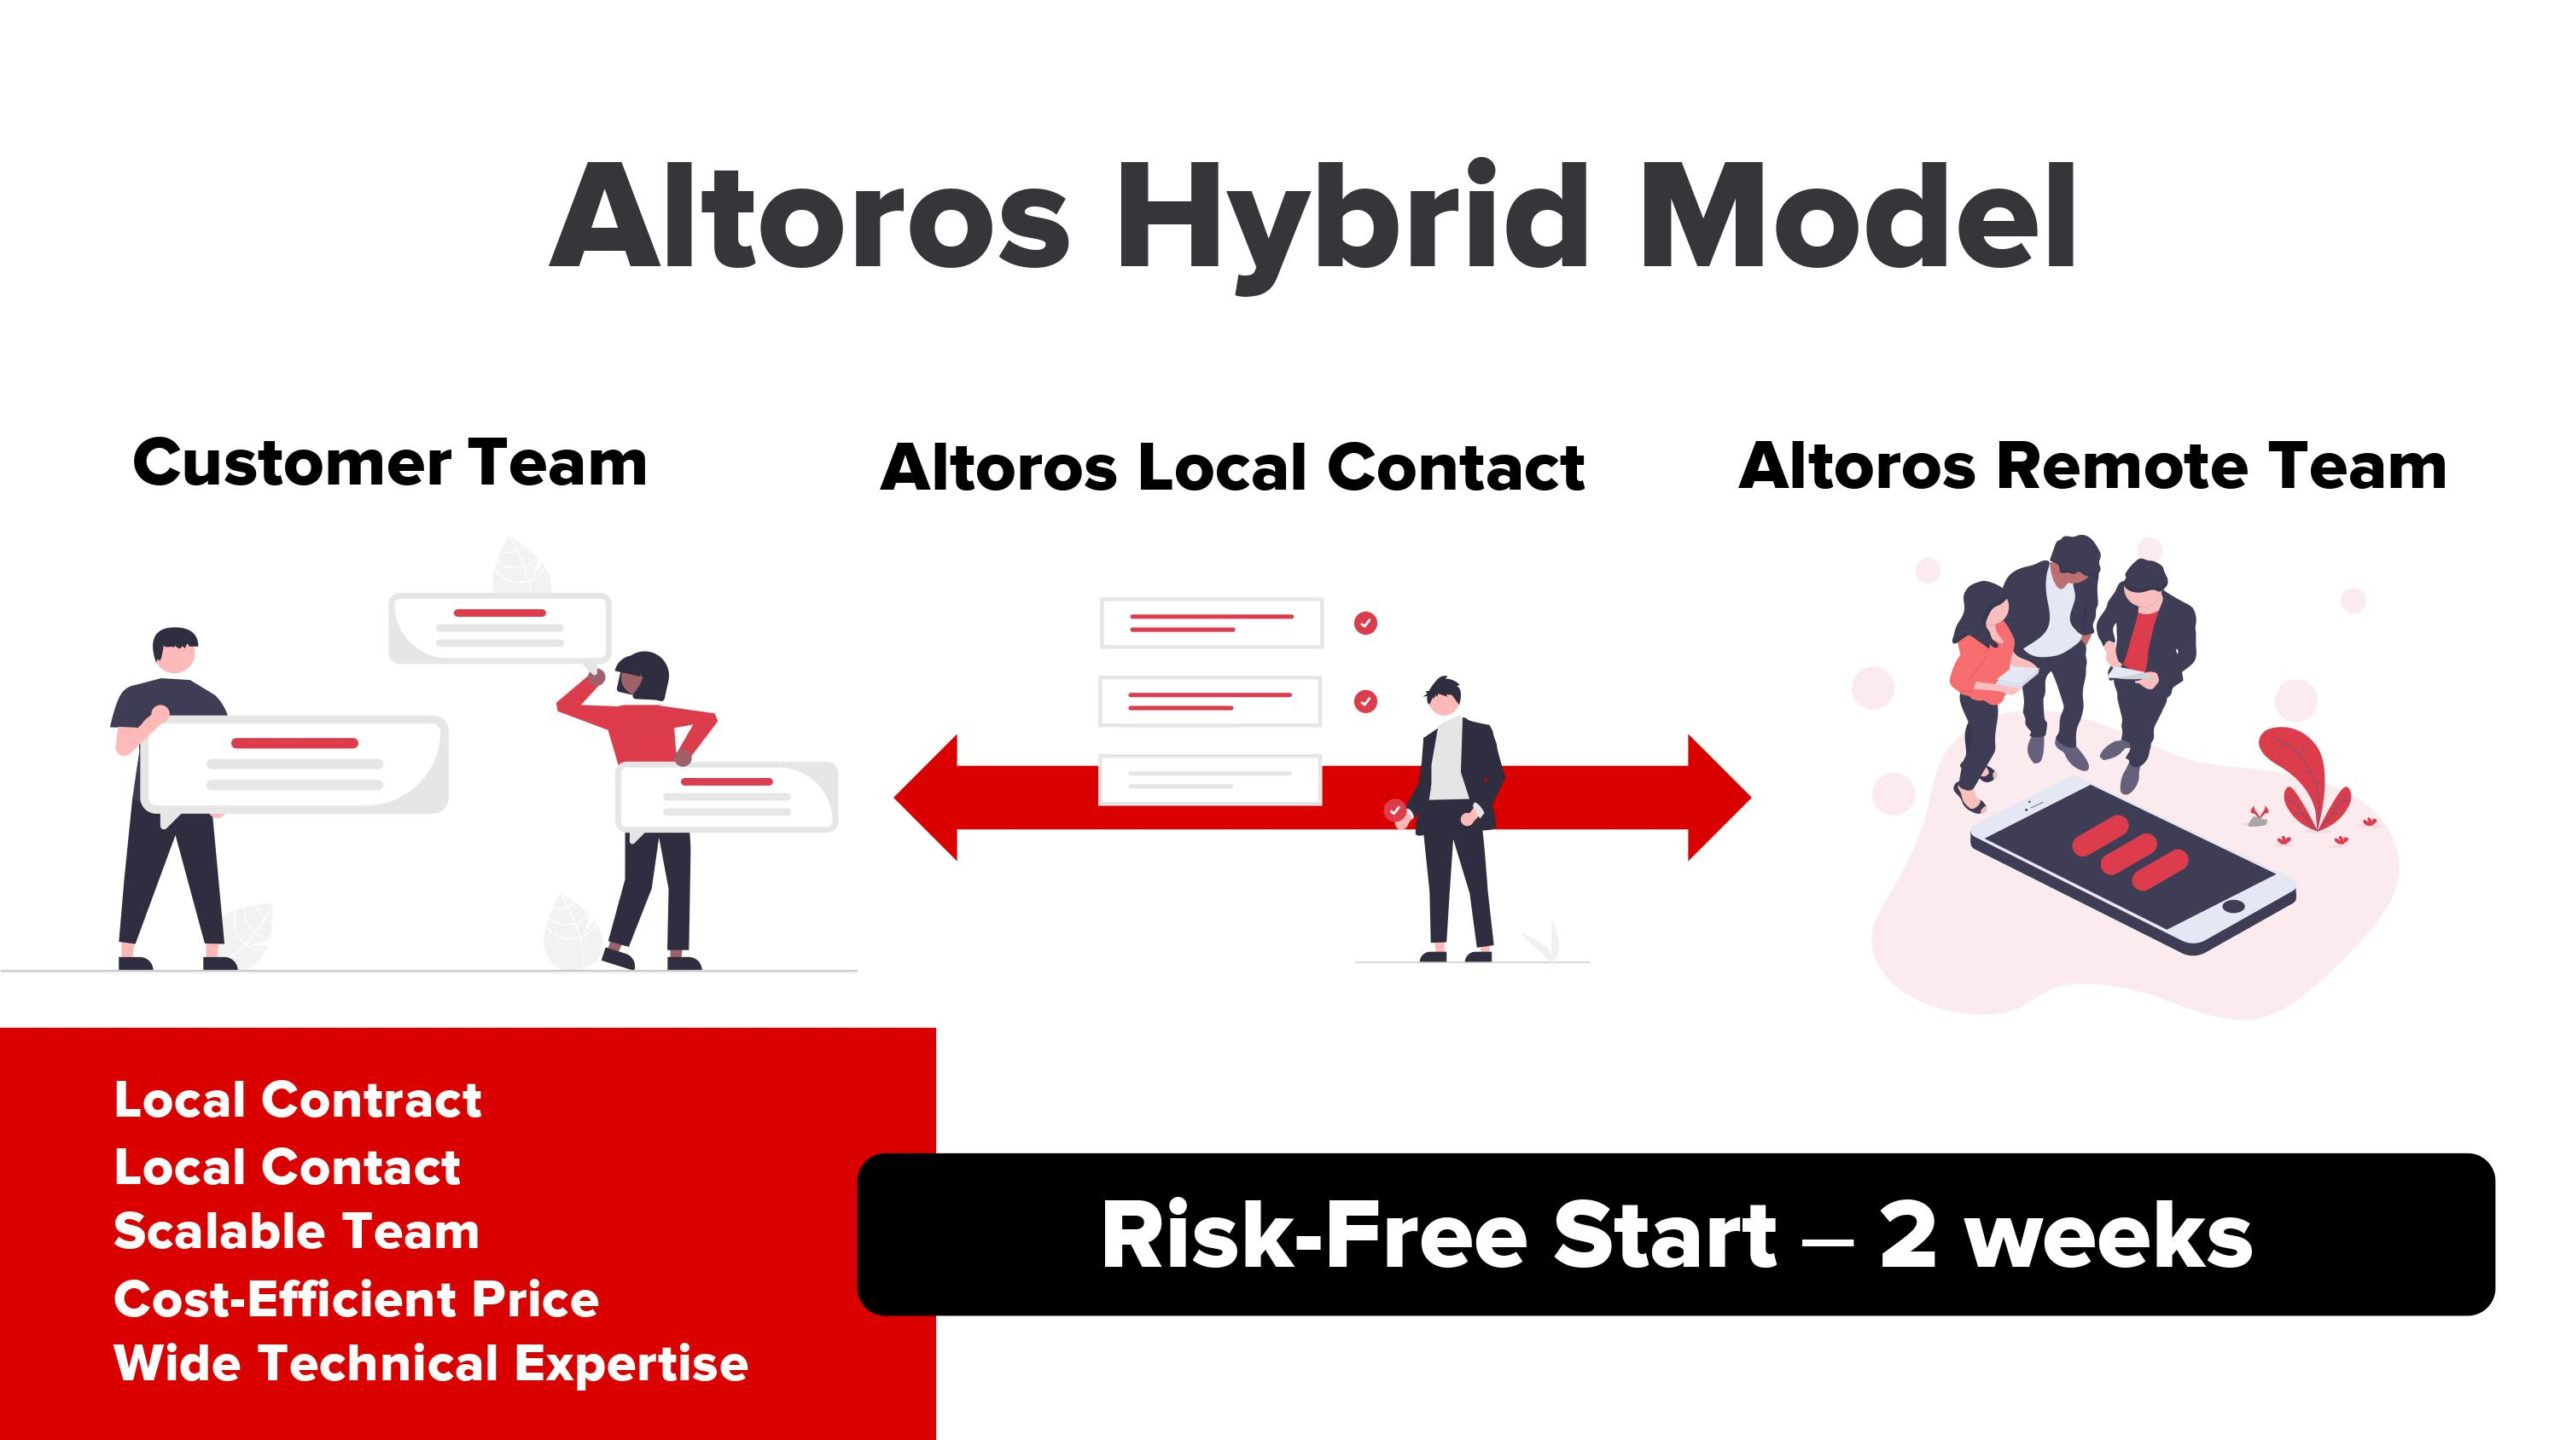 HYBRIDI-palvelumallin avulla eroon ohjelmistokehitys-projektien resurssointimurheista